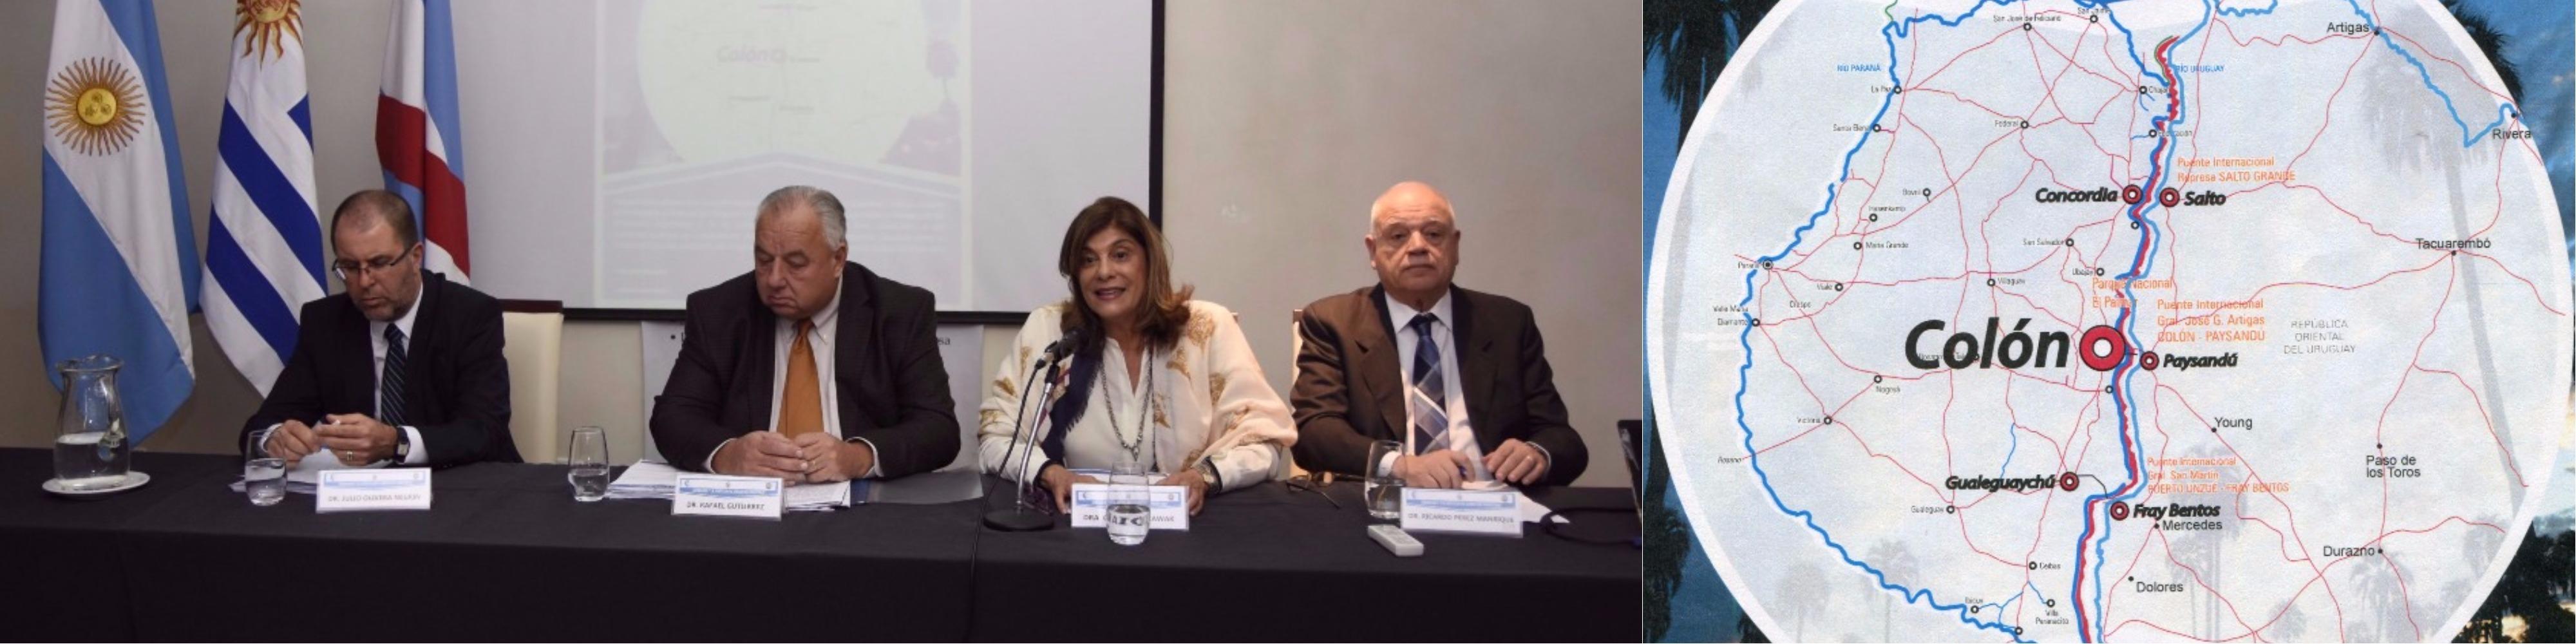 """Magistrados entrerrianos y uruguayos debaten y buscan soluciones a los problemas en común, en las Jornadas """"La Justicia en Zonas de Frontera"""""""